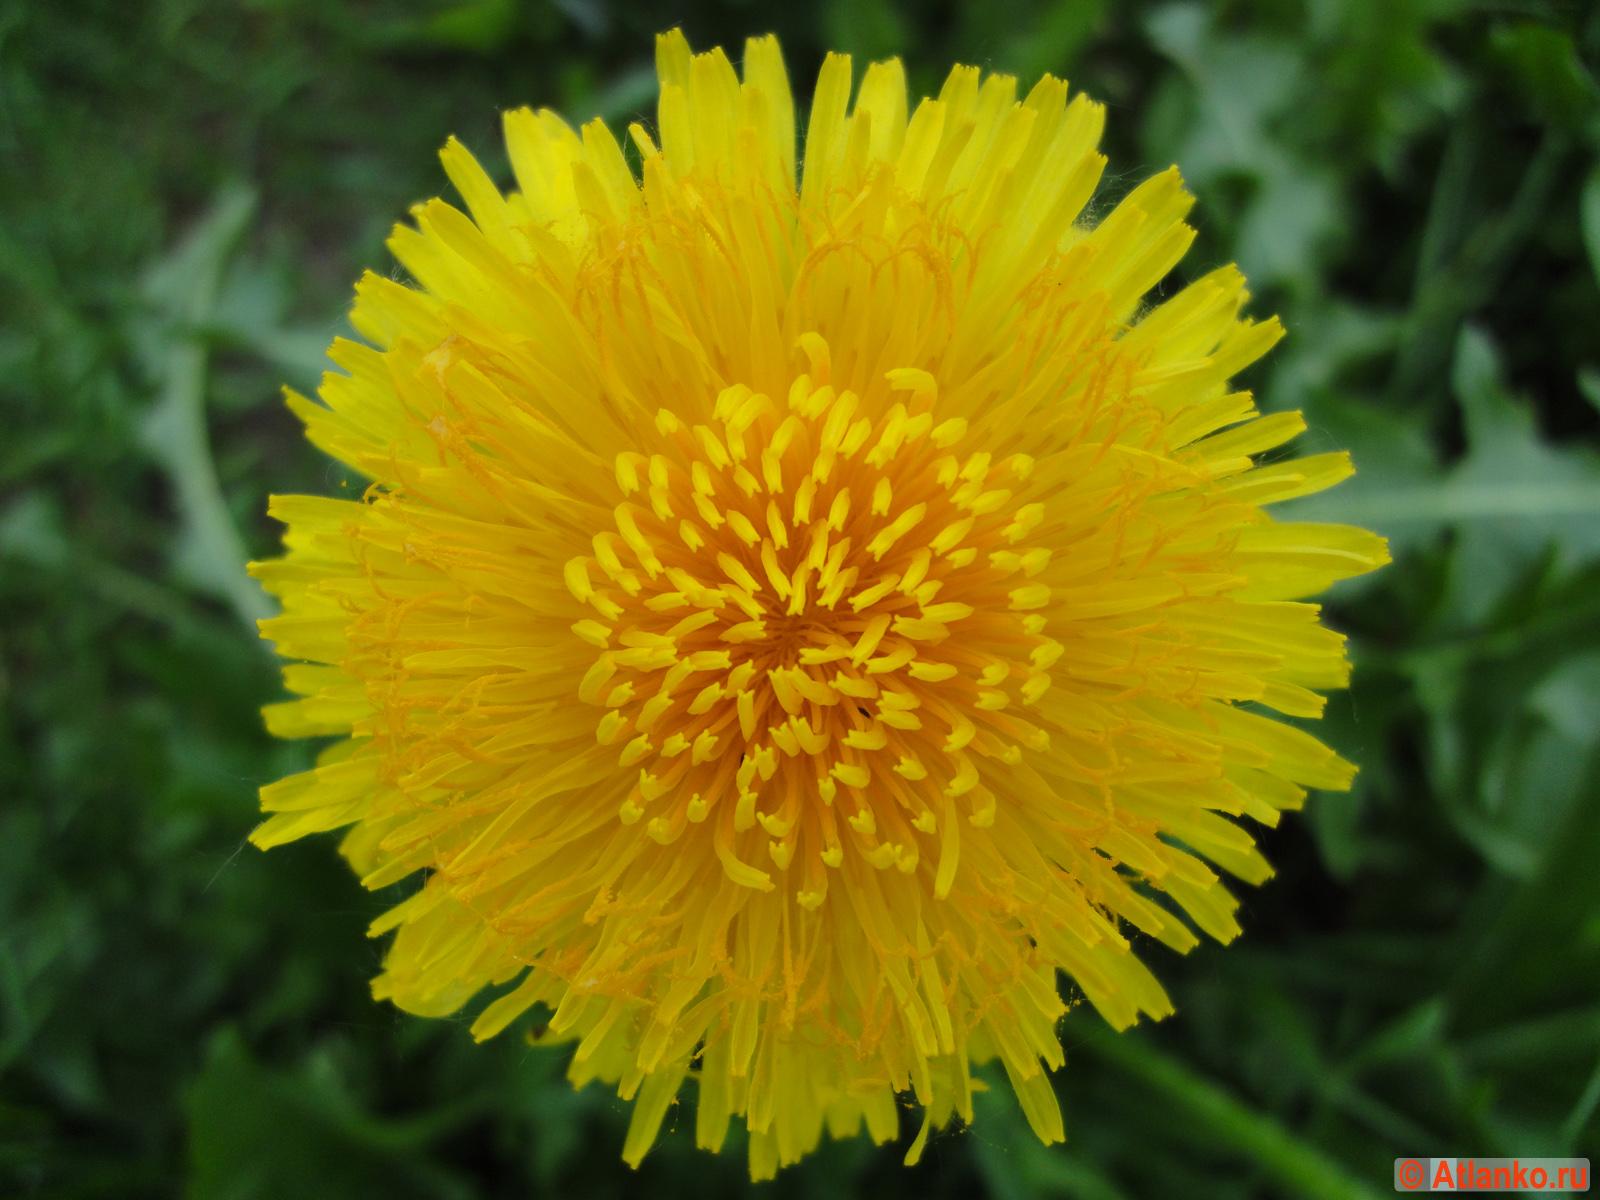 Цветок одуванчика - яркое солнце. Фотография. На природе